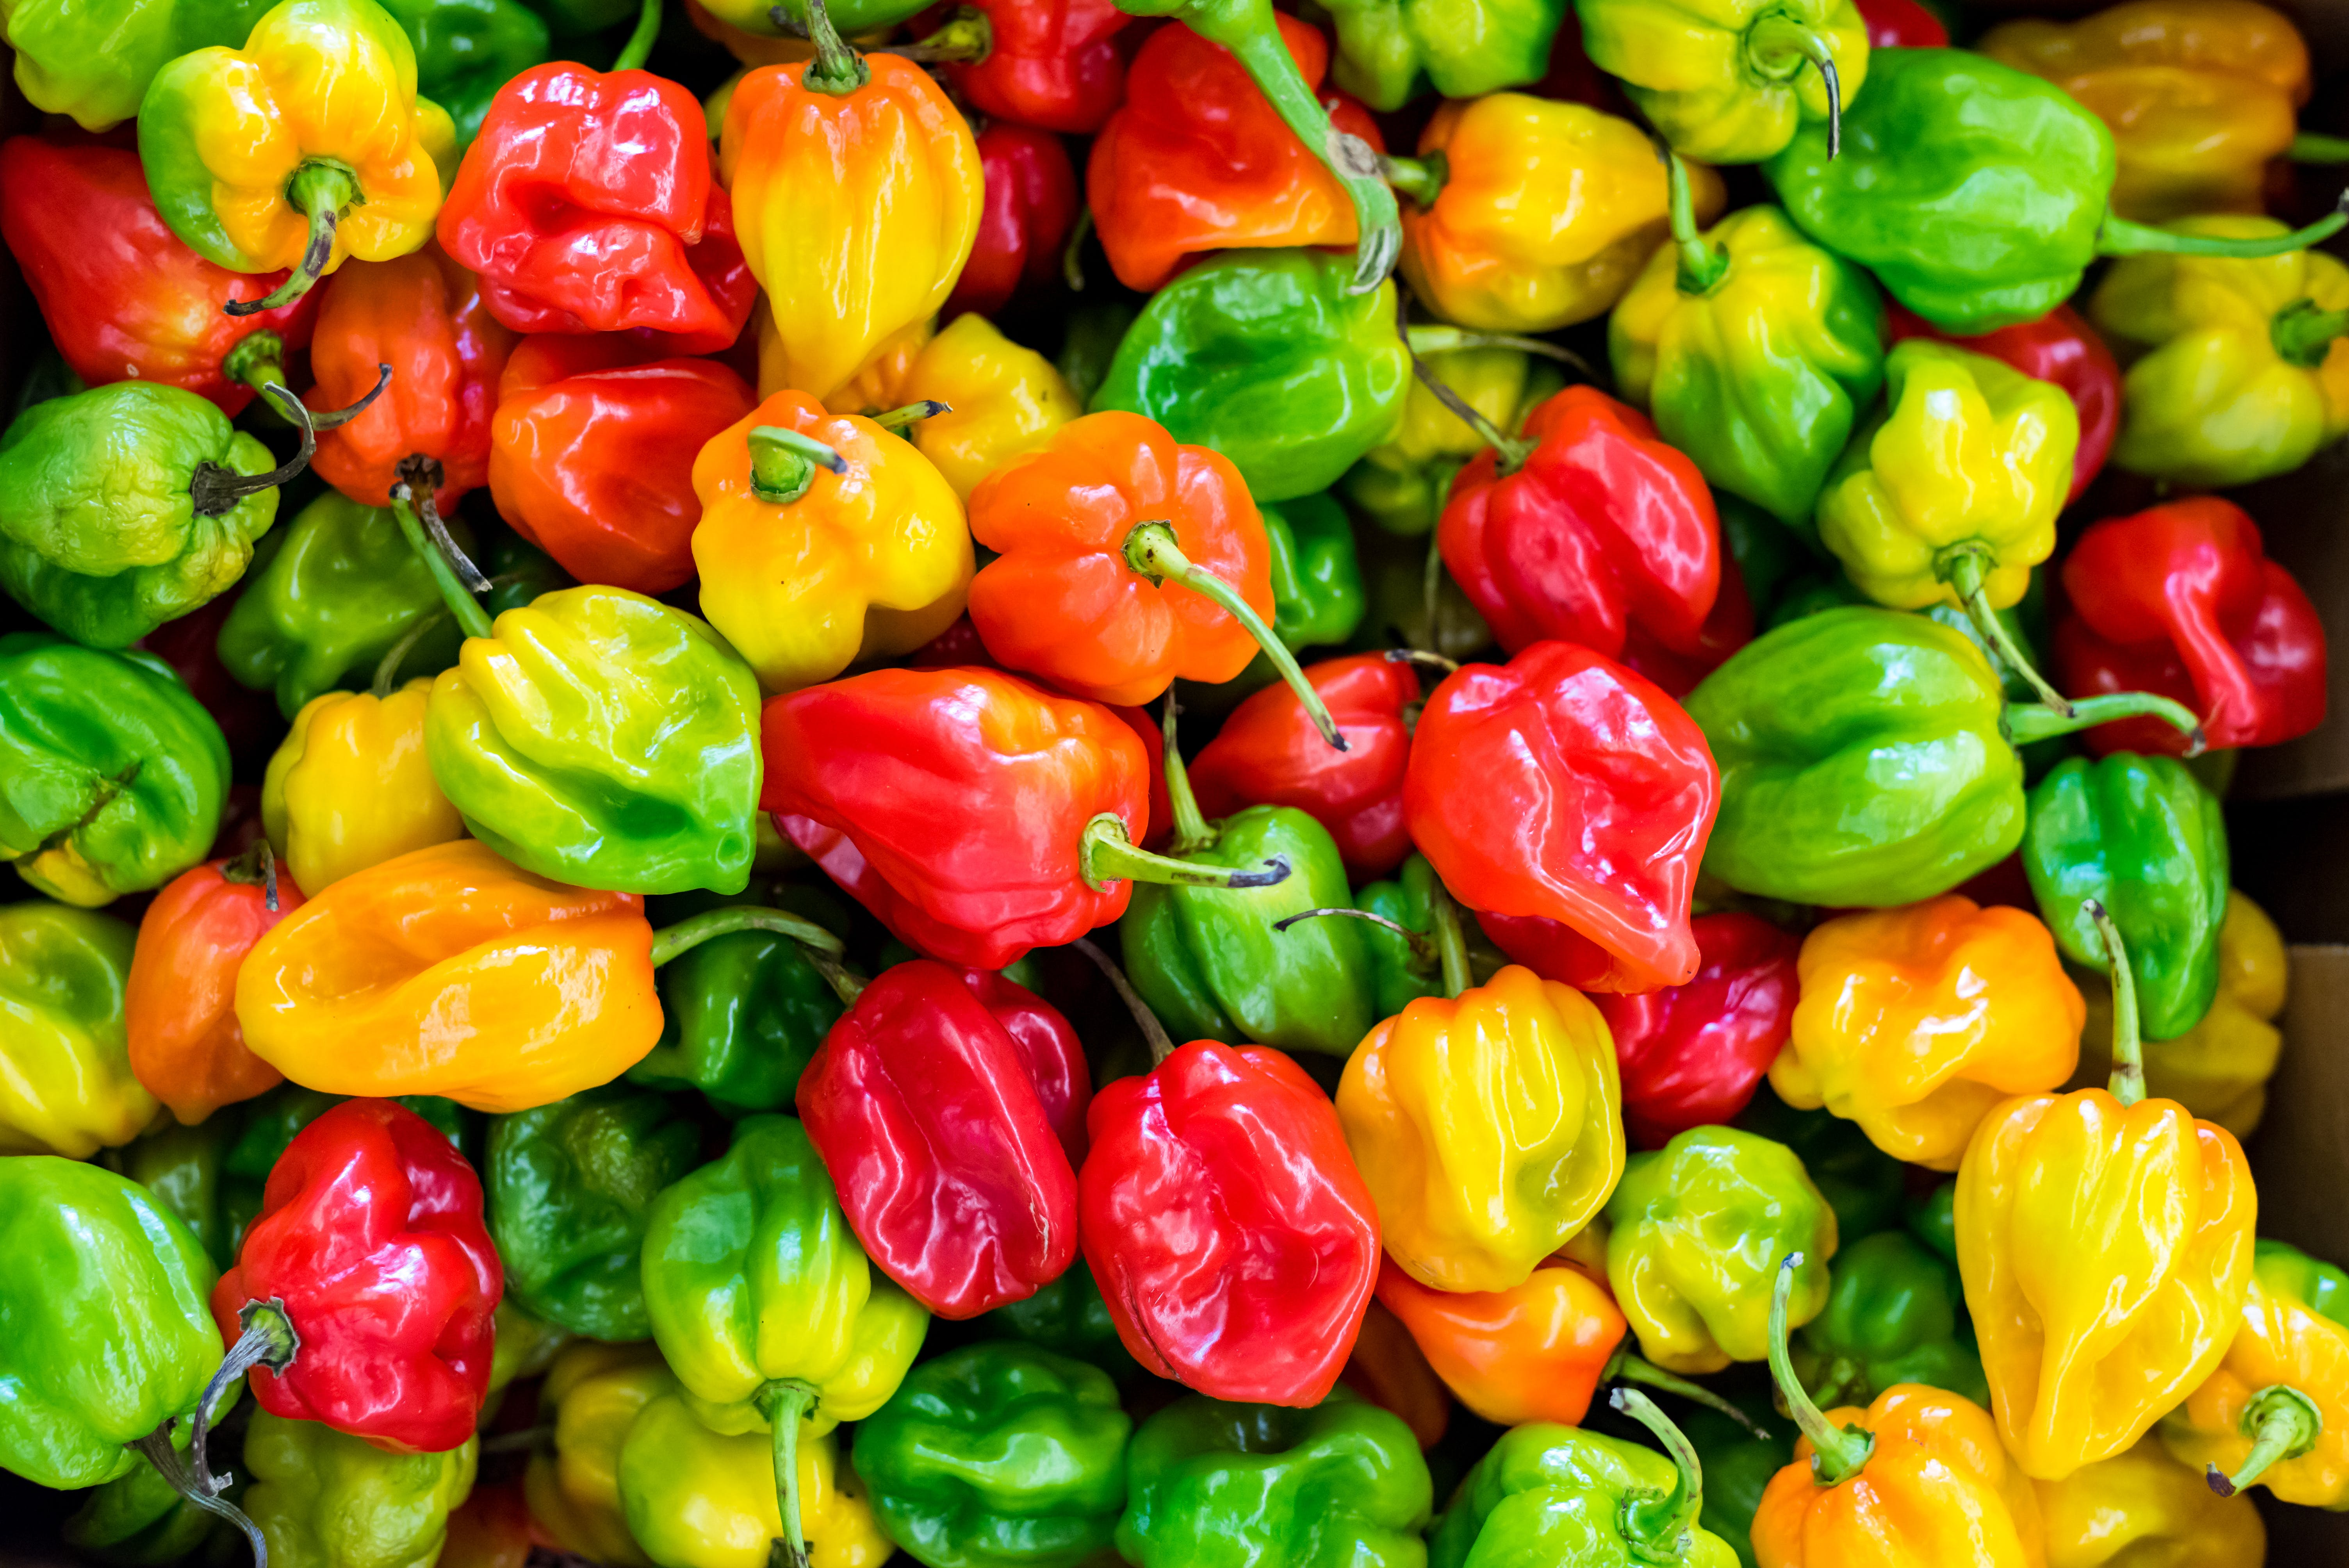 Δωρεάν στοκ φωτογραφιών με habanero, αγορά, γεύομαι, γκρο πλαν